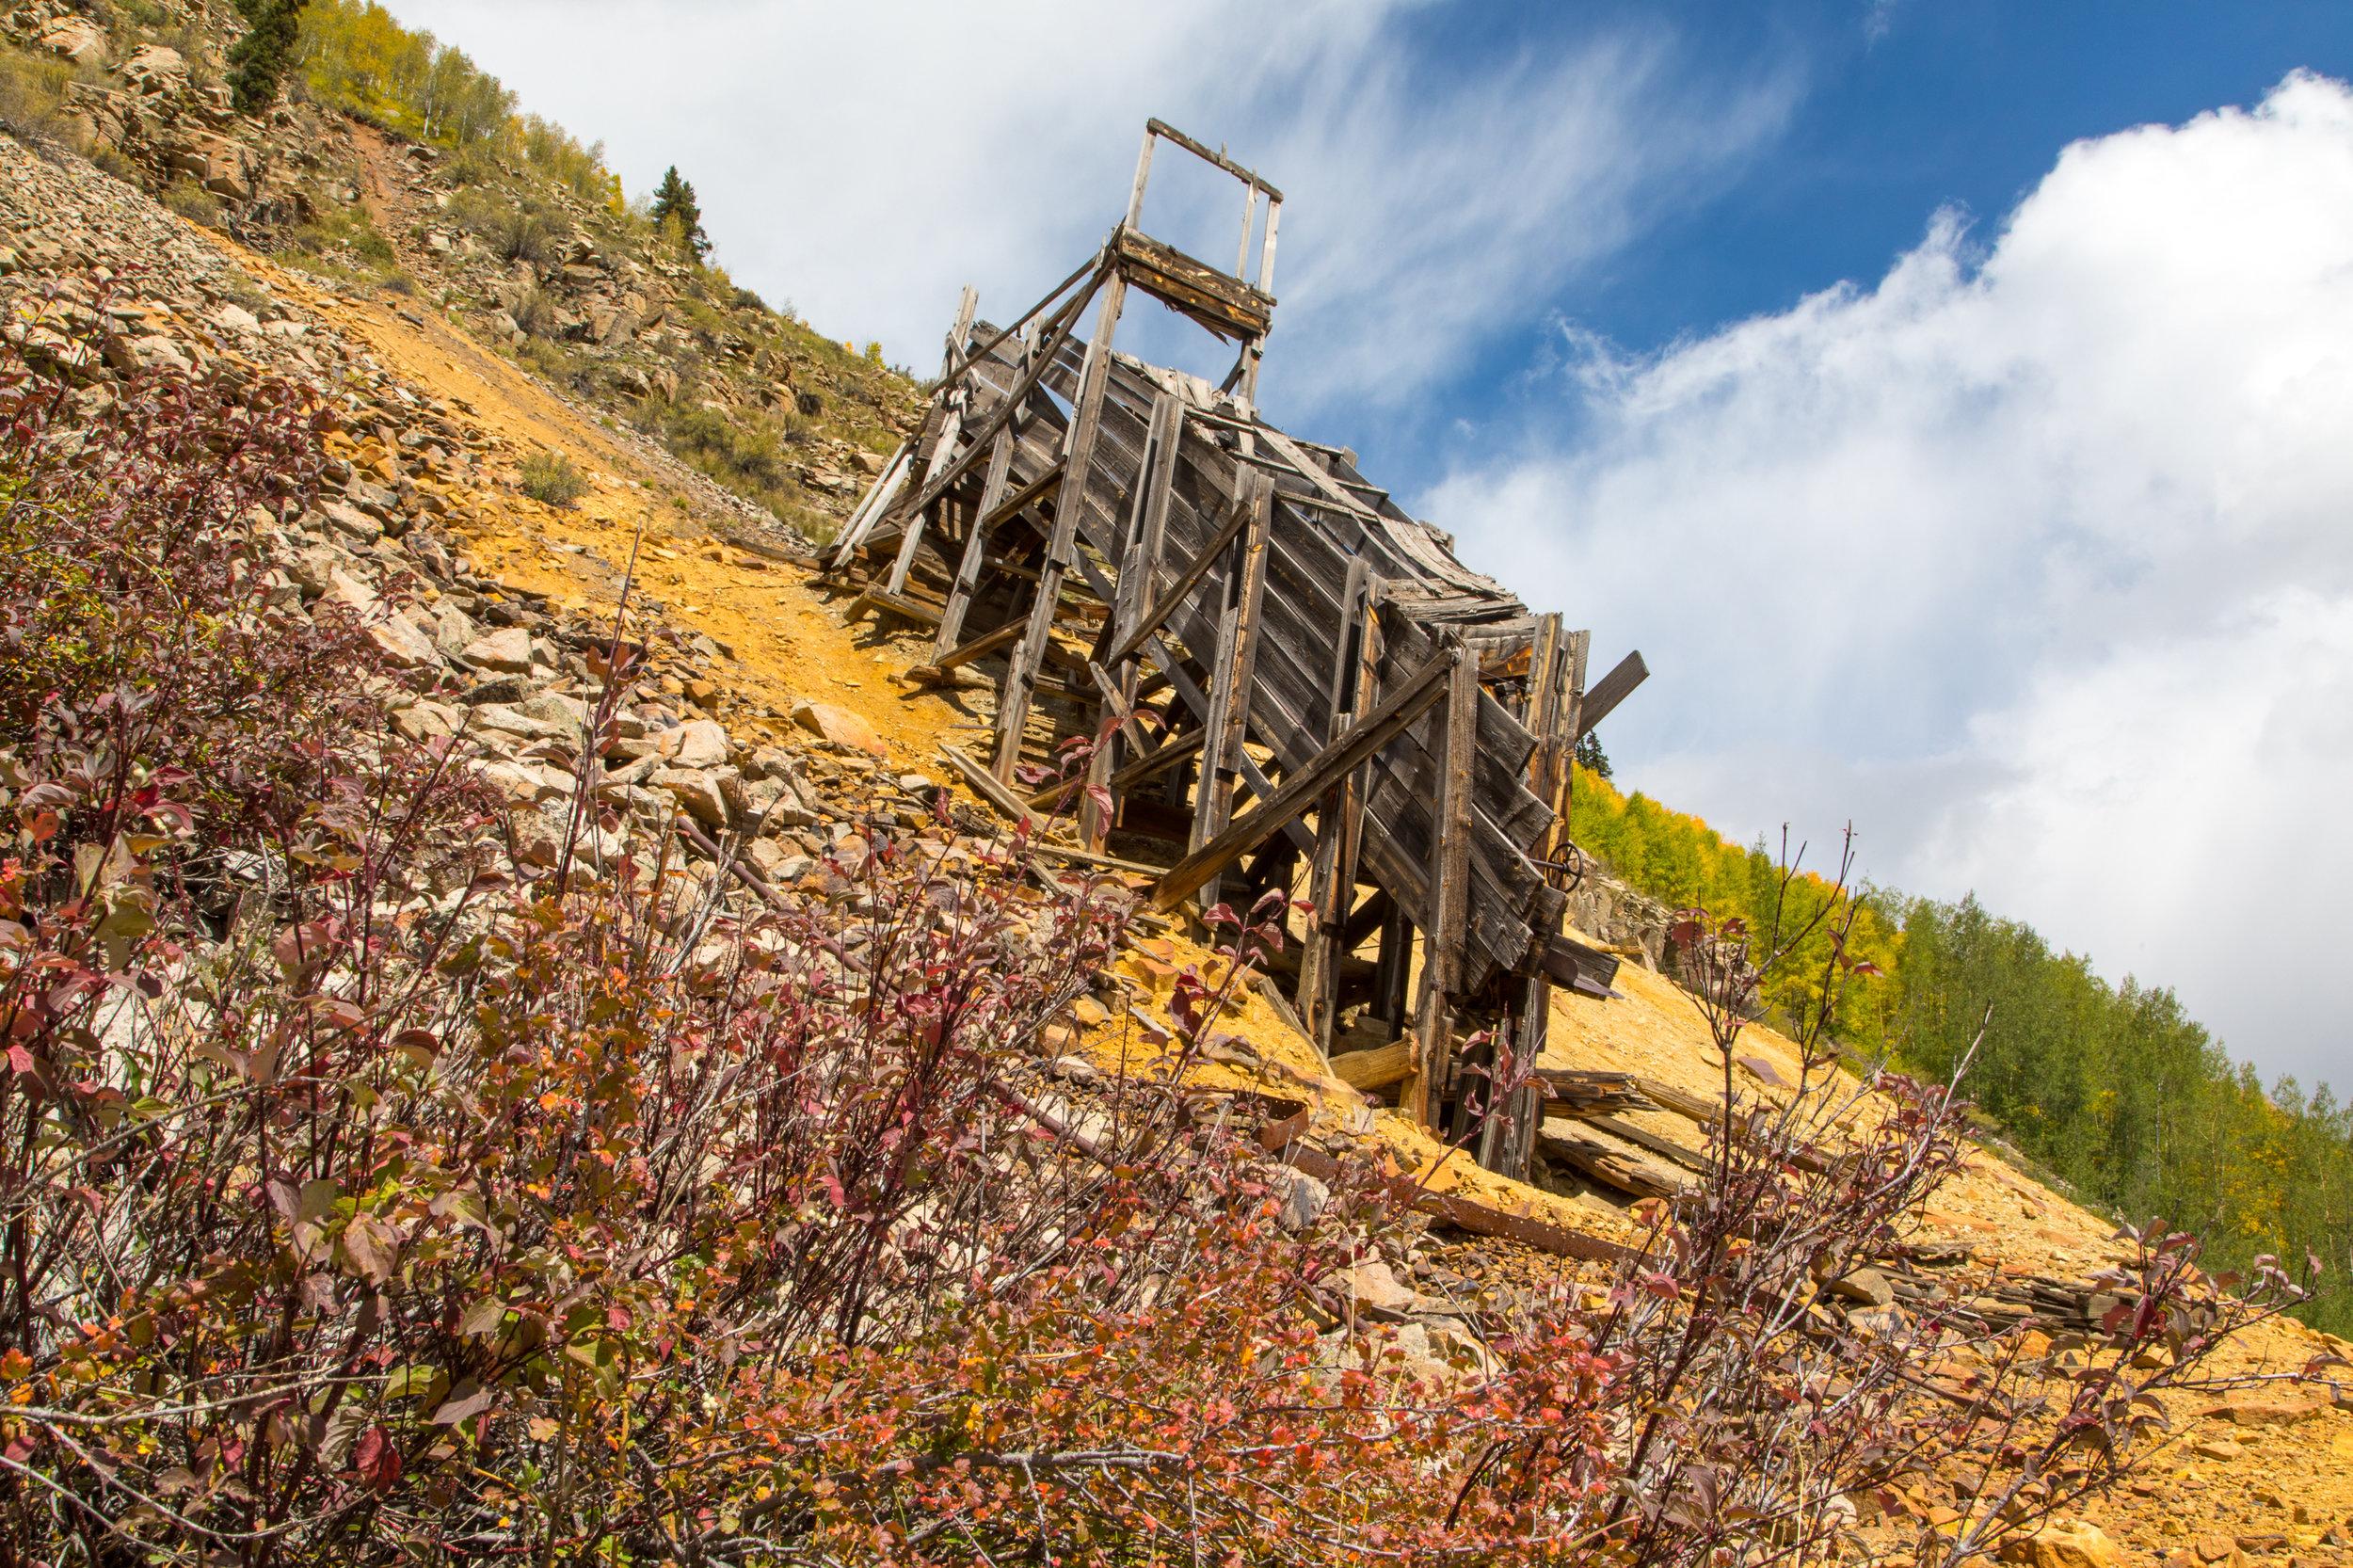 Silverton, Colorado, Image # 0779